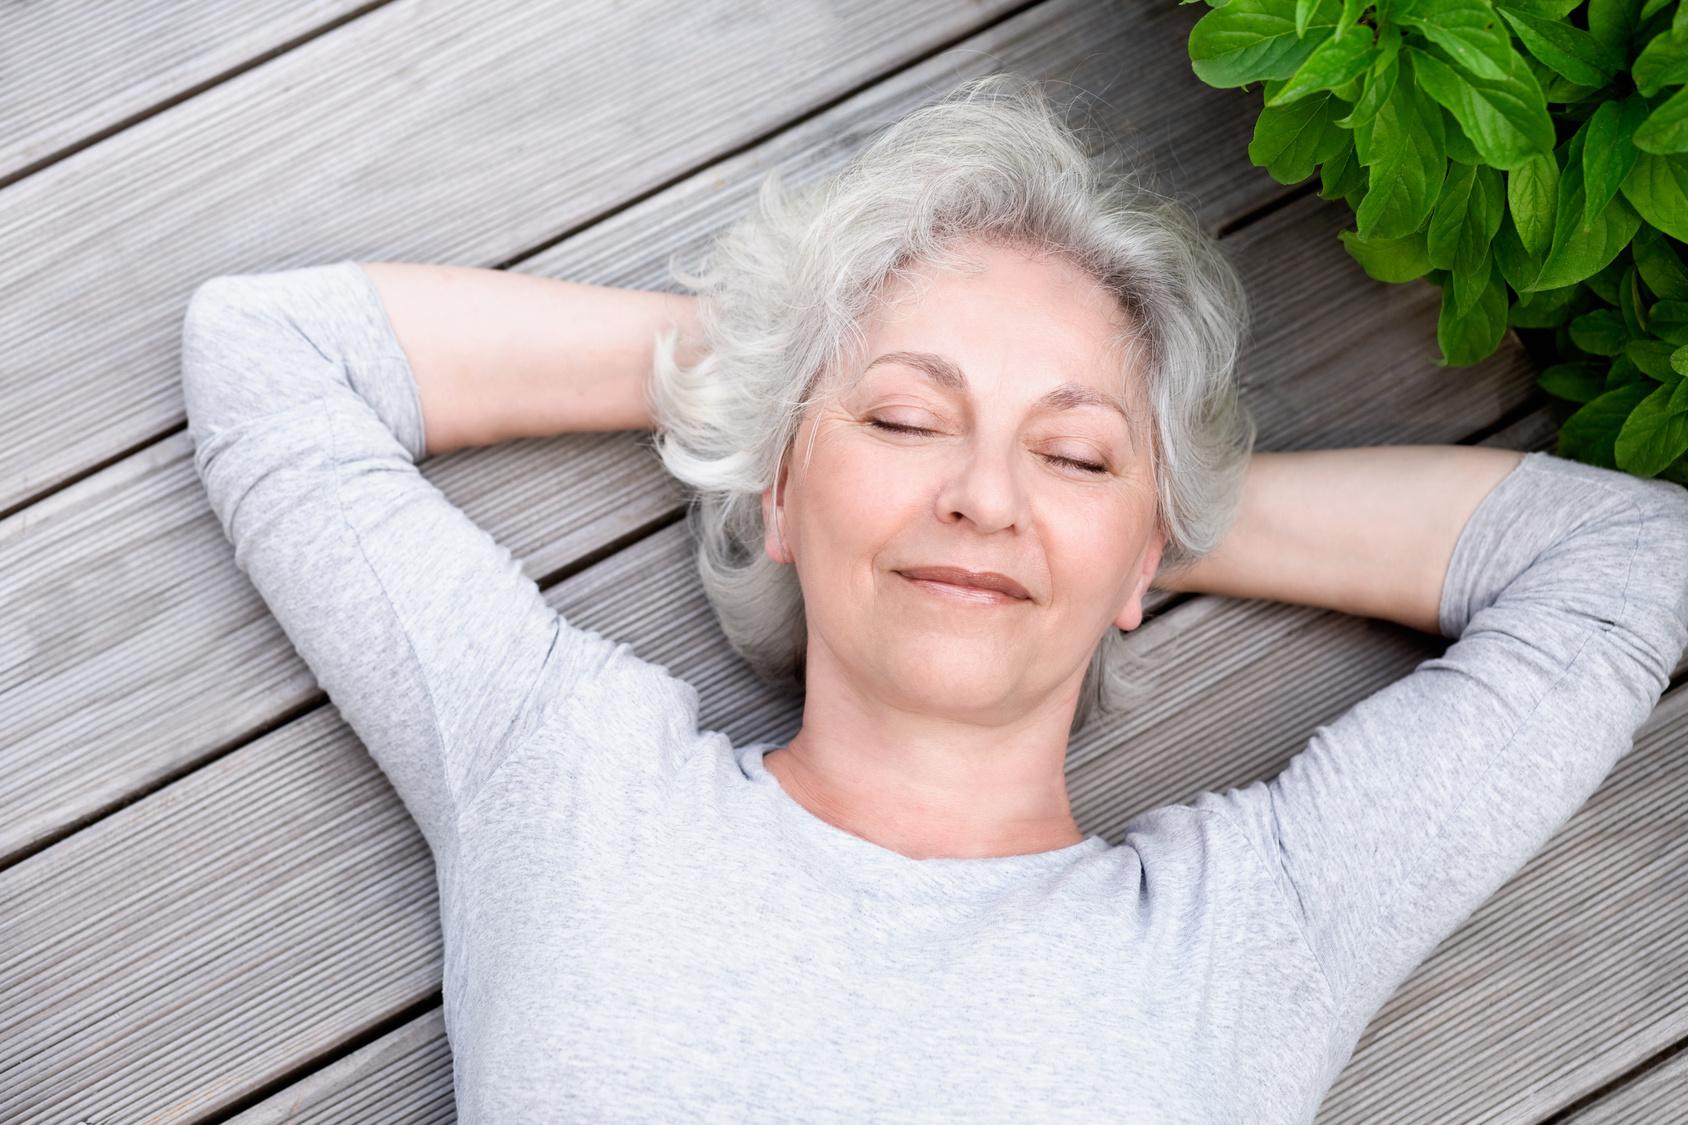 Pielęgnacja skóry po 60 roku życia. Jaki krem wybrać?